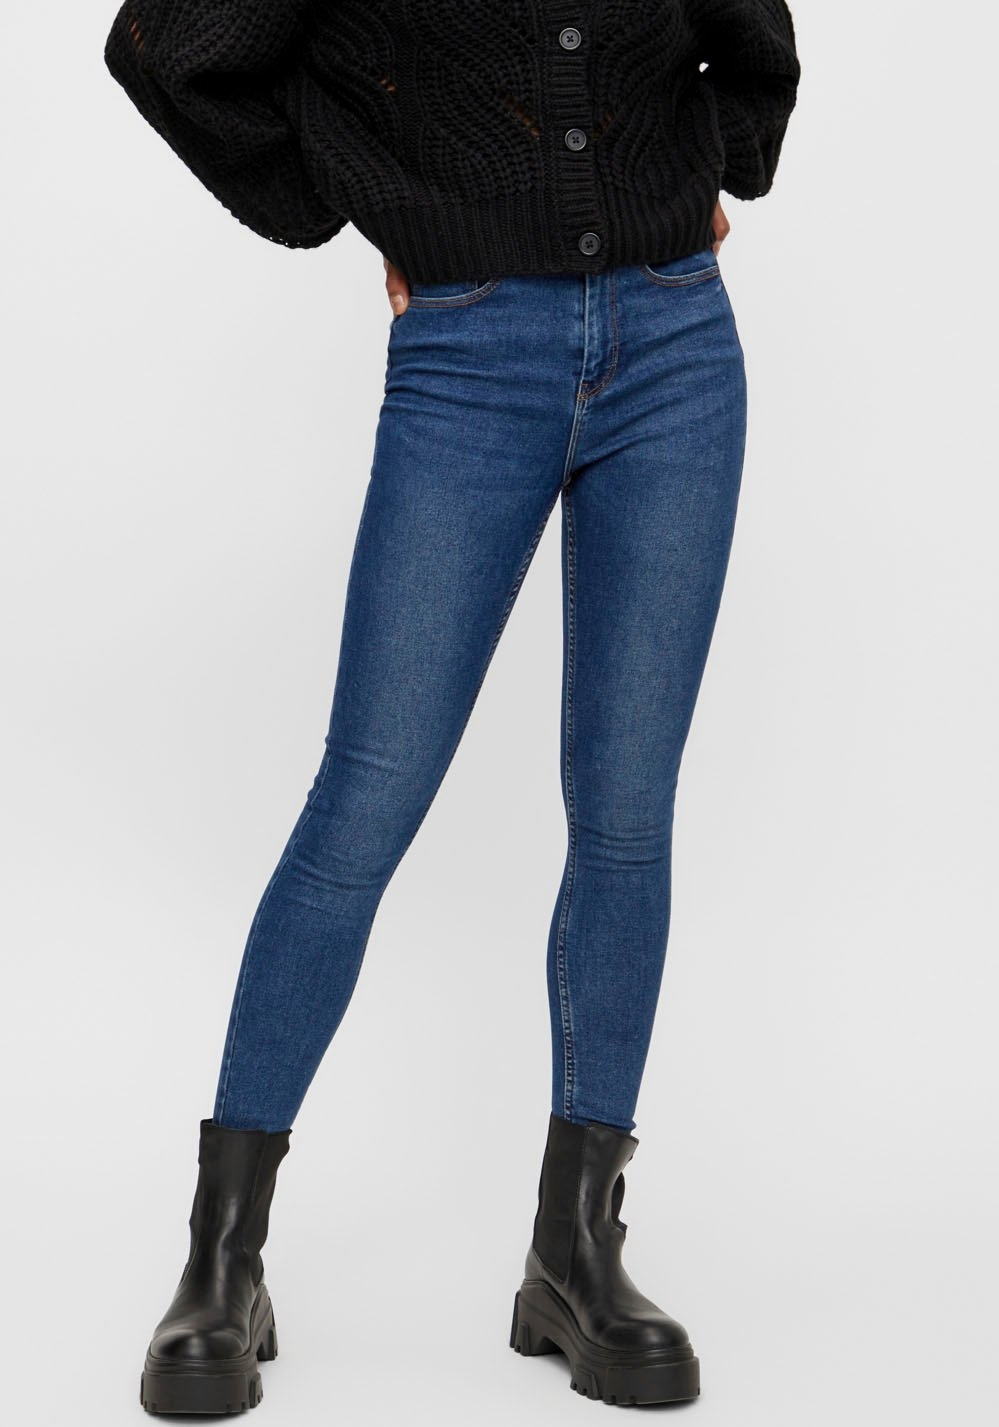 pieces Skinny fit jeans PCHIGHFIVE voordelig en veilig online kopen